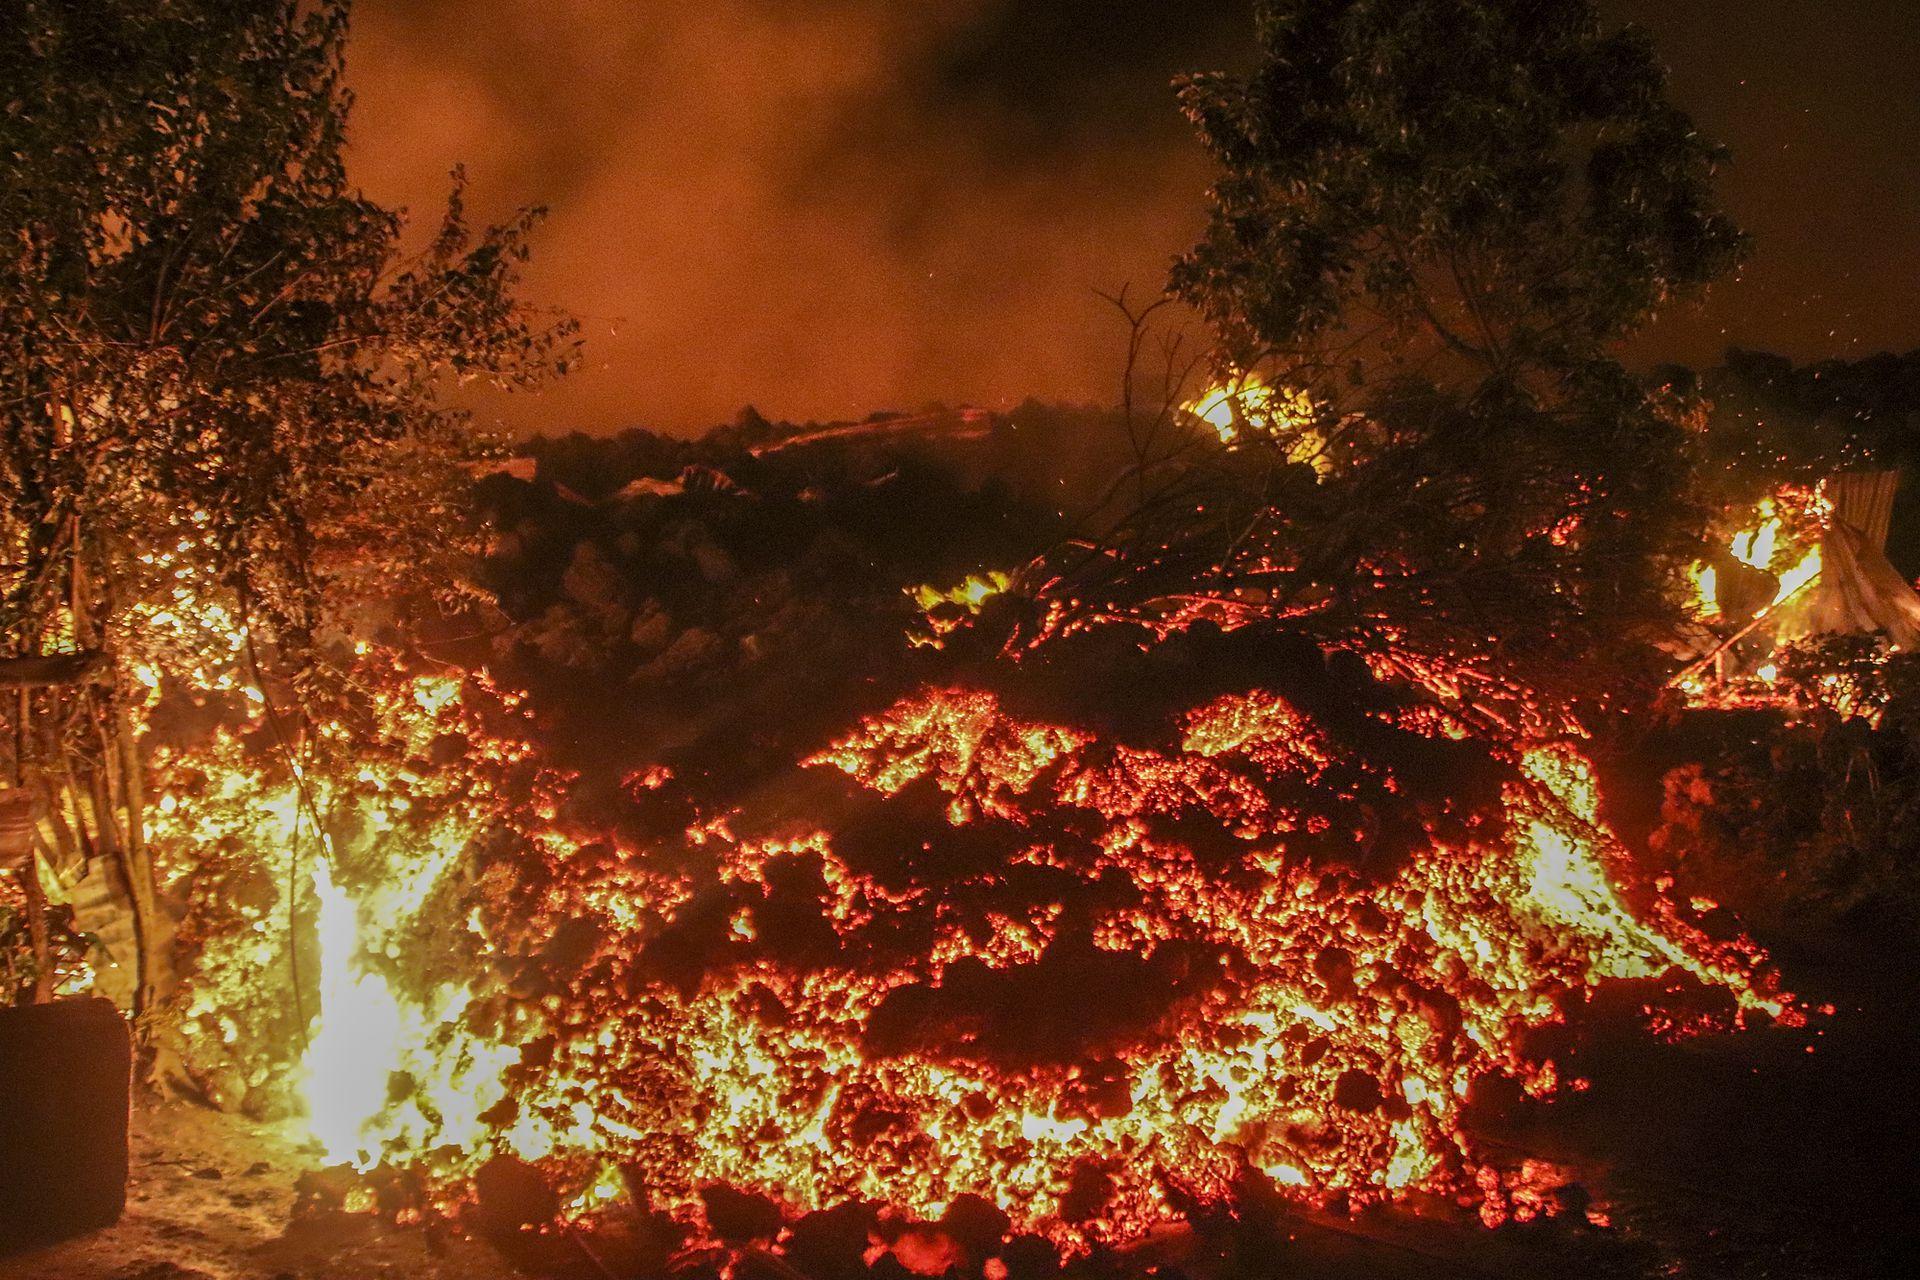 El balance de pérdidas humanas tras esta inesperada erupción del sábado llega ya a 32 muertes, según las autoridades locales. Siete de las víctimas fallecieron asfixiadas por vapores tóxicos el lunes, cuando caminaban sobre el flujo de lava.